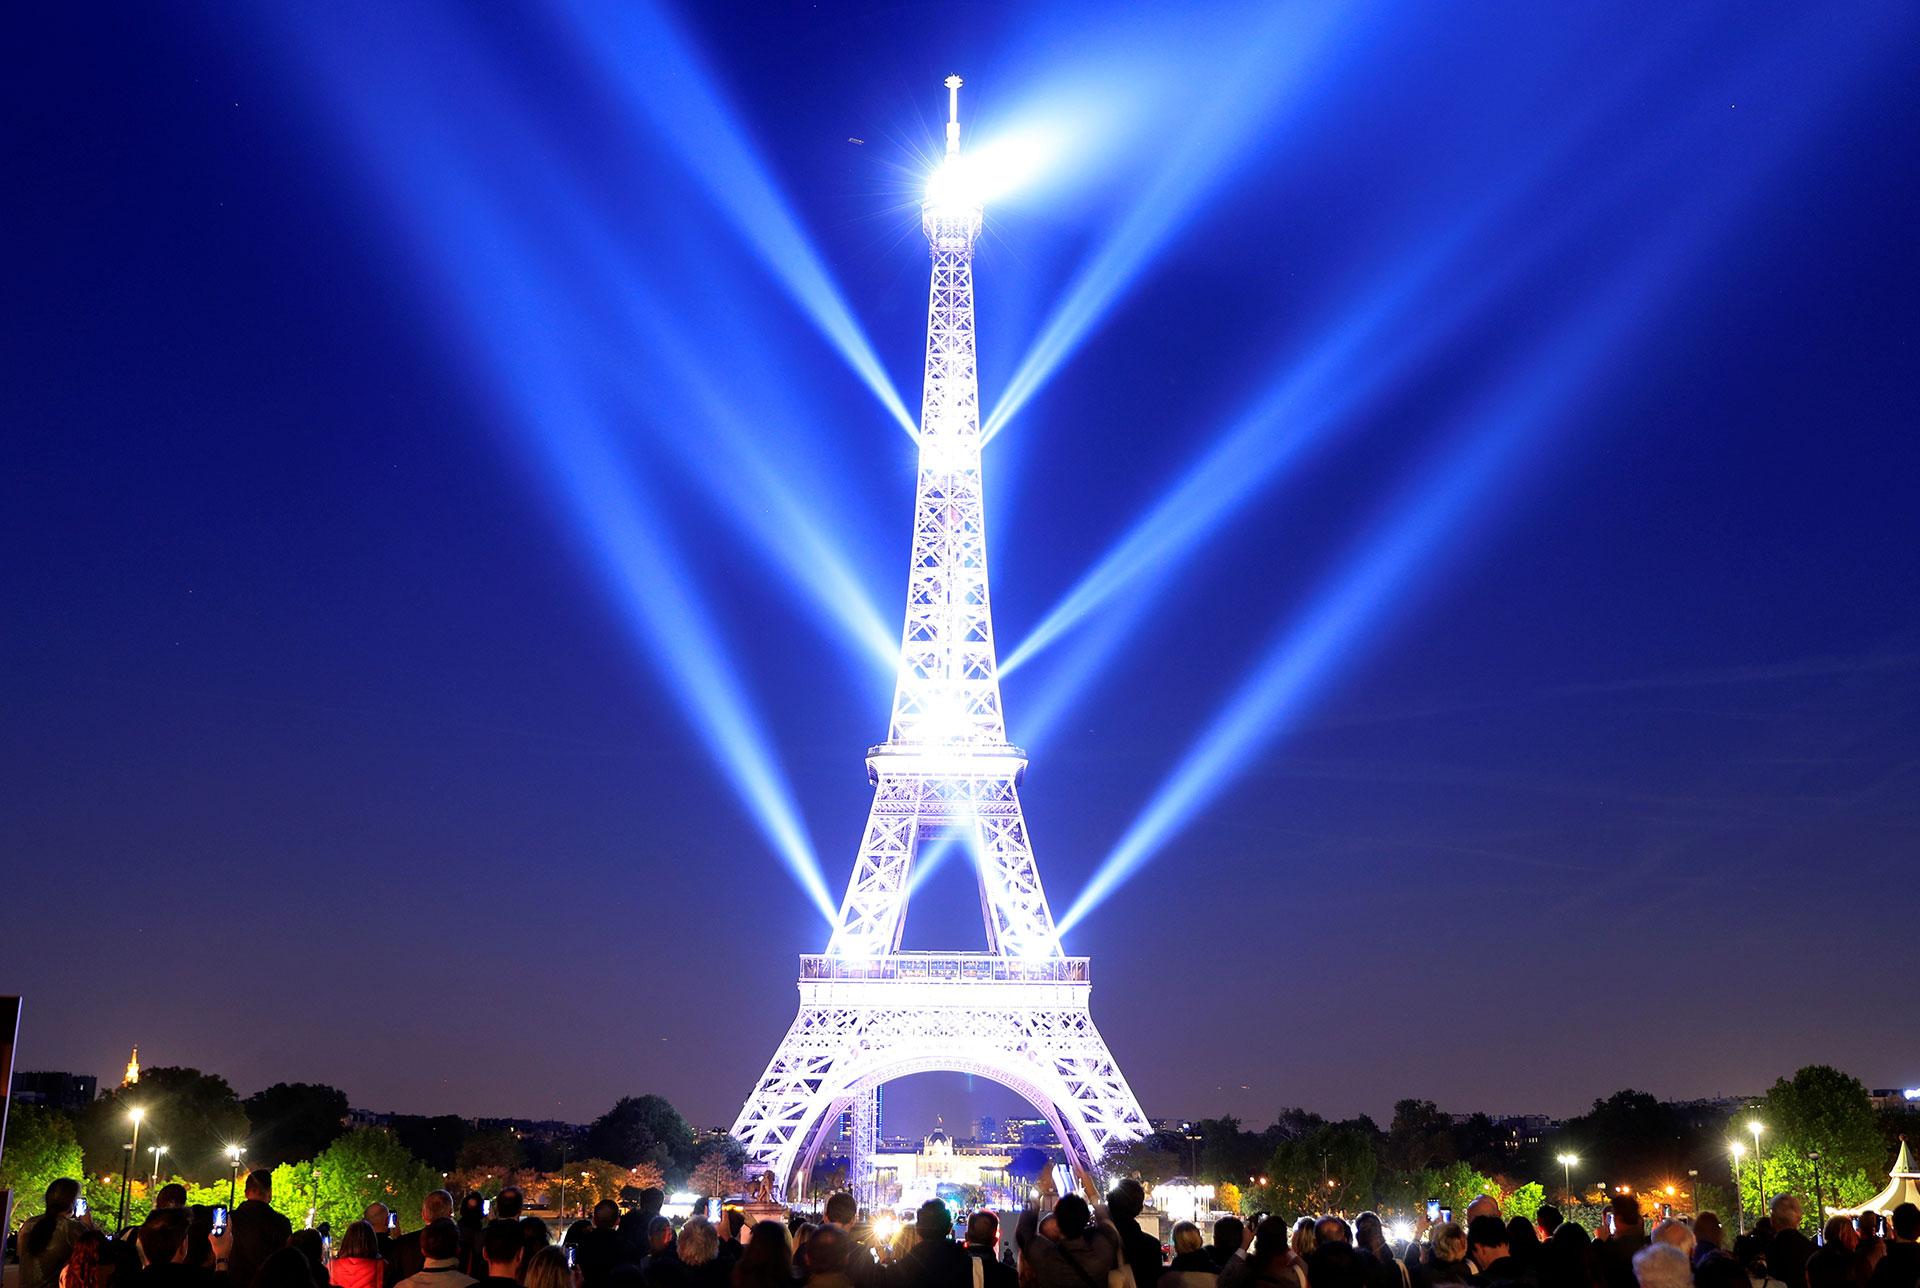 La Torre Eiffel -muy iluminada- durante las celebraciones por su aniversario número 130